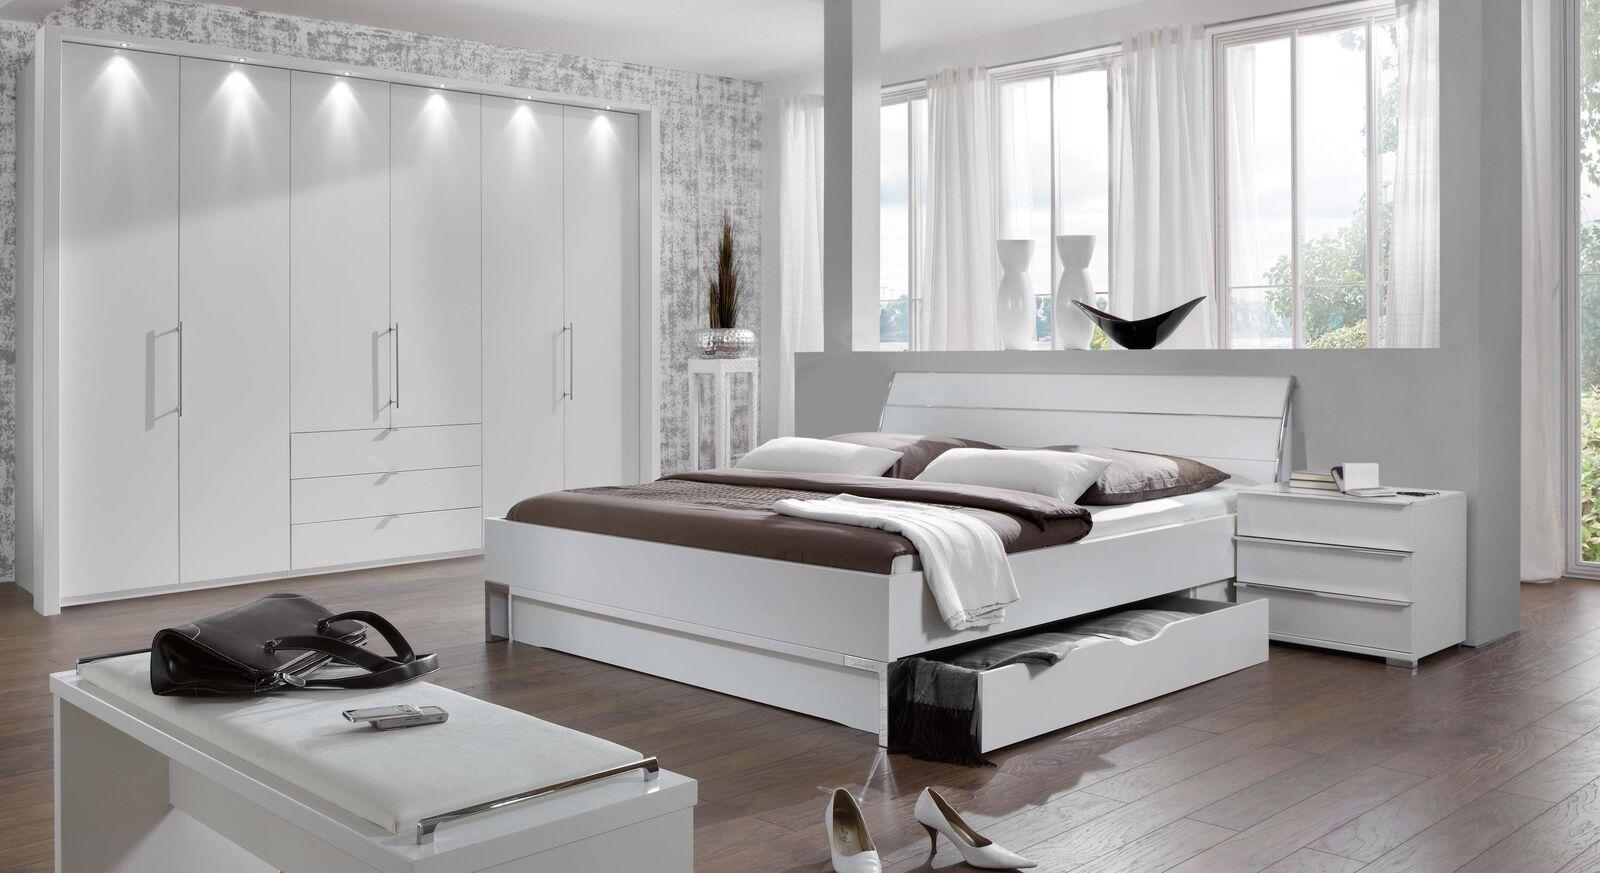 Komplett-Schlafzimmer Salford im Landhausstil in Weiß